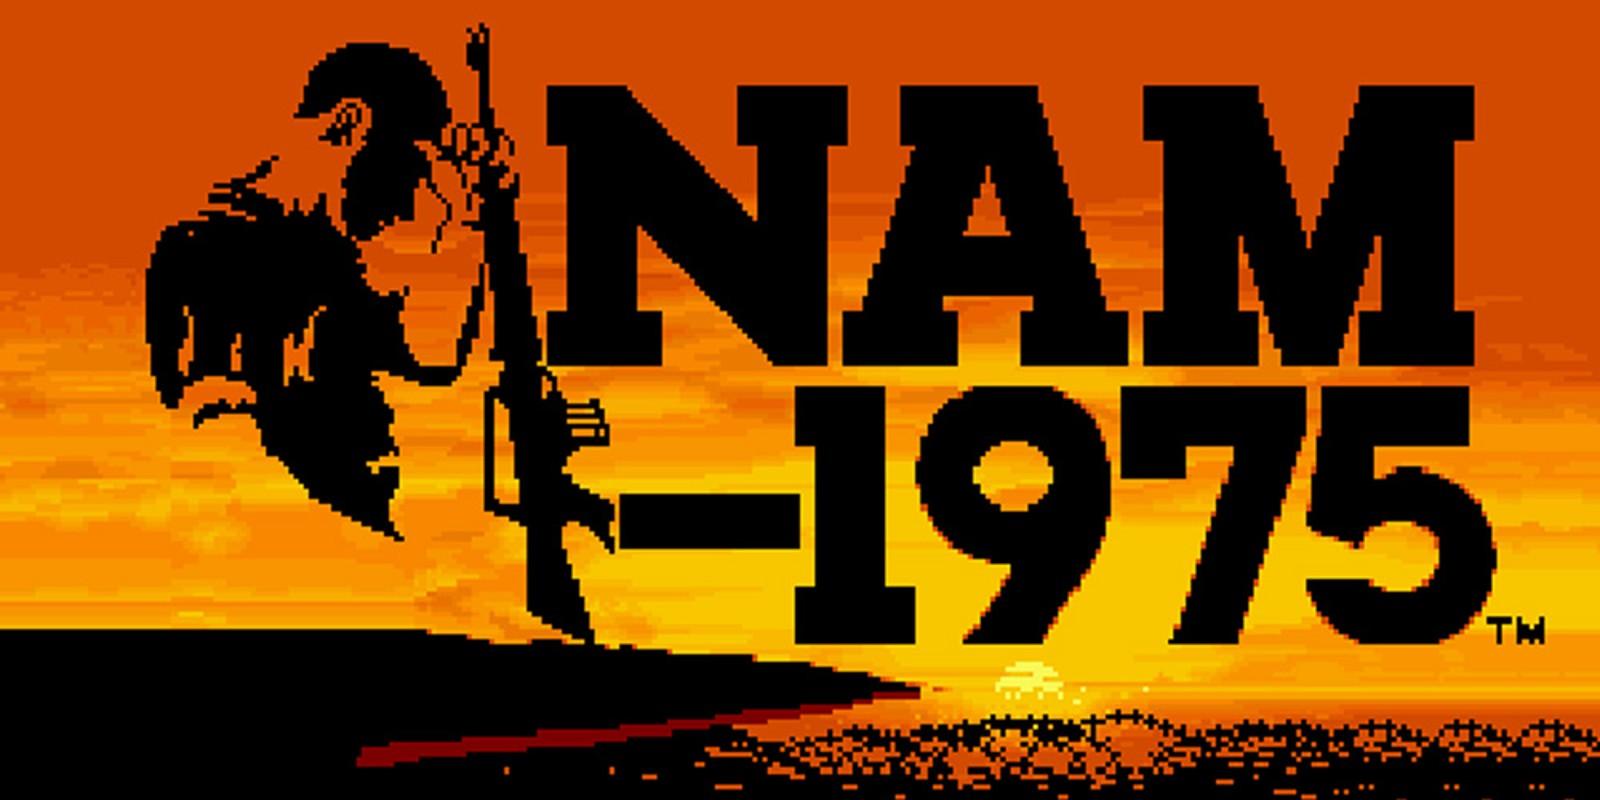 nam 1975 neogeo games nintendo